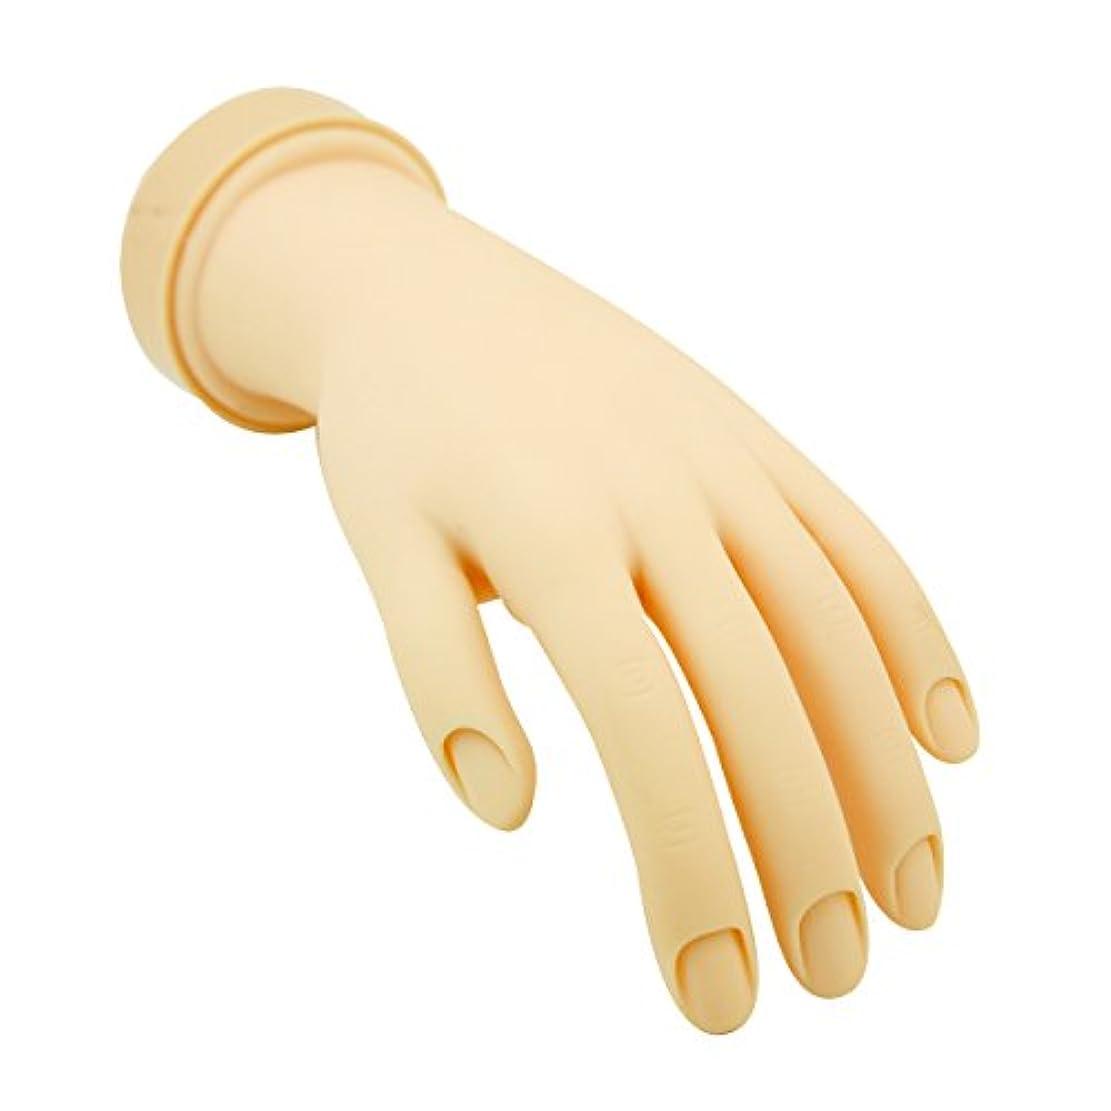 自殺道路を作るプロセス十代の若者たちトレーニングハンド (ネイル用) 左手 [ 練習用マネキン 手 指 ハンドマネキン マネキン 施術用 トレーニング ]